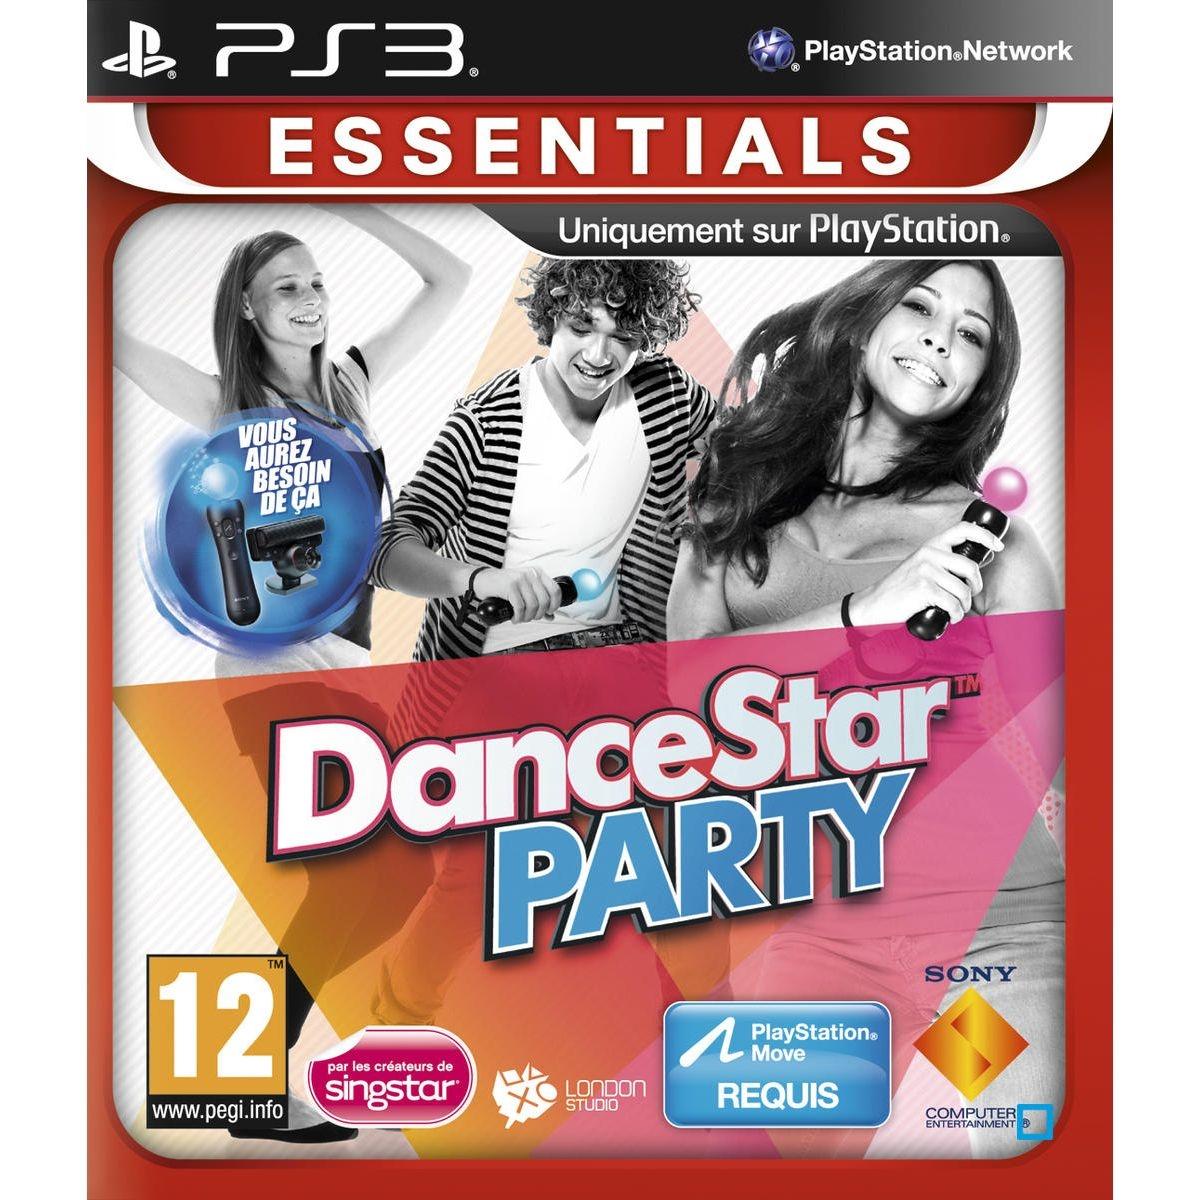 DanceStar Party - PS3 Essentials PS3